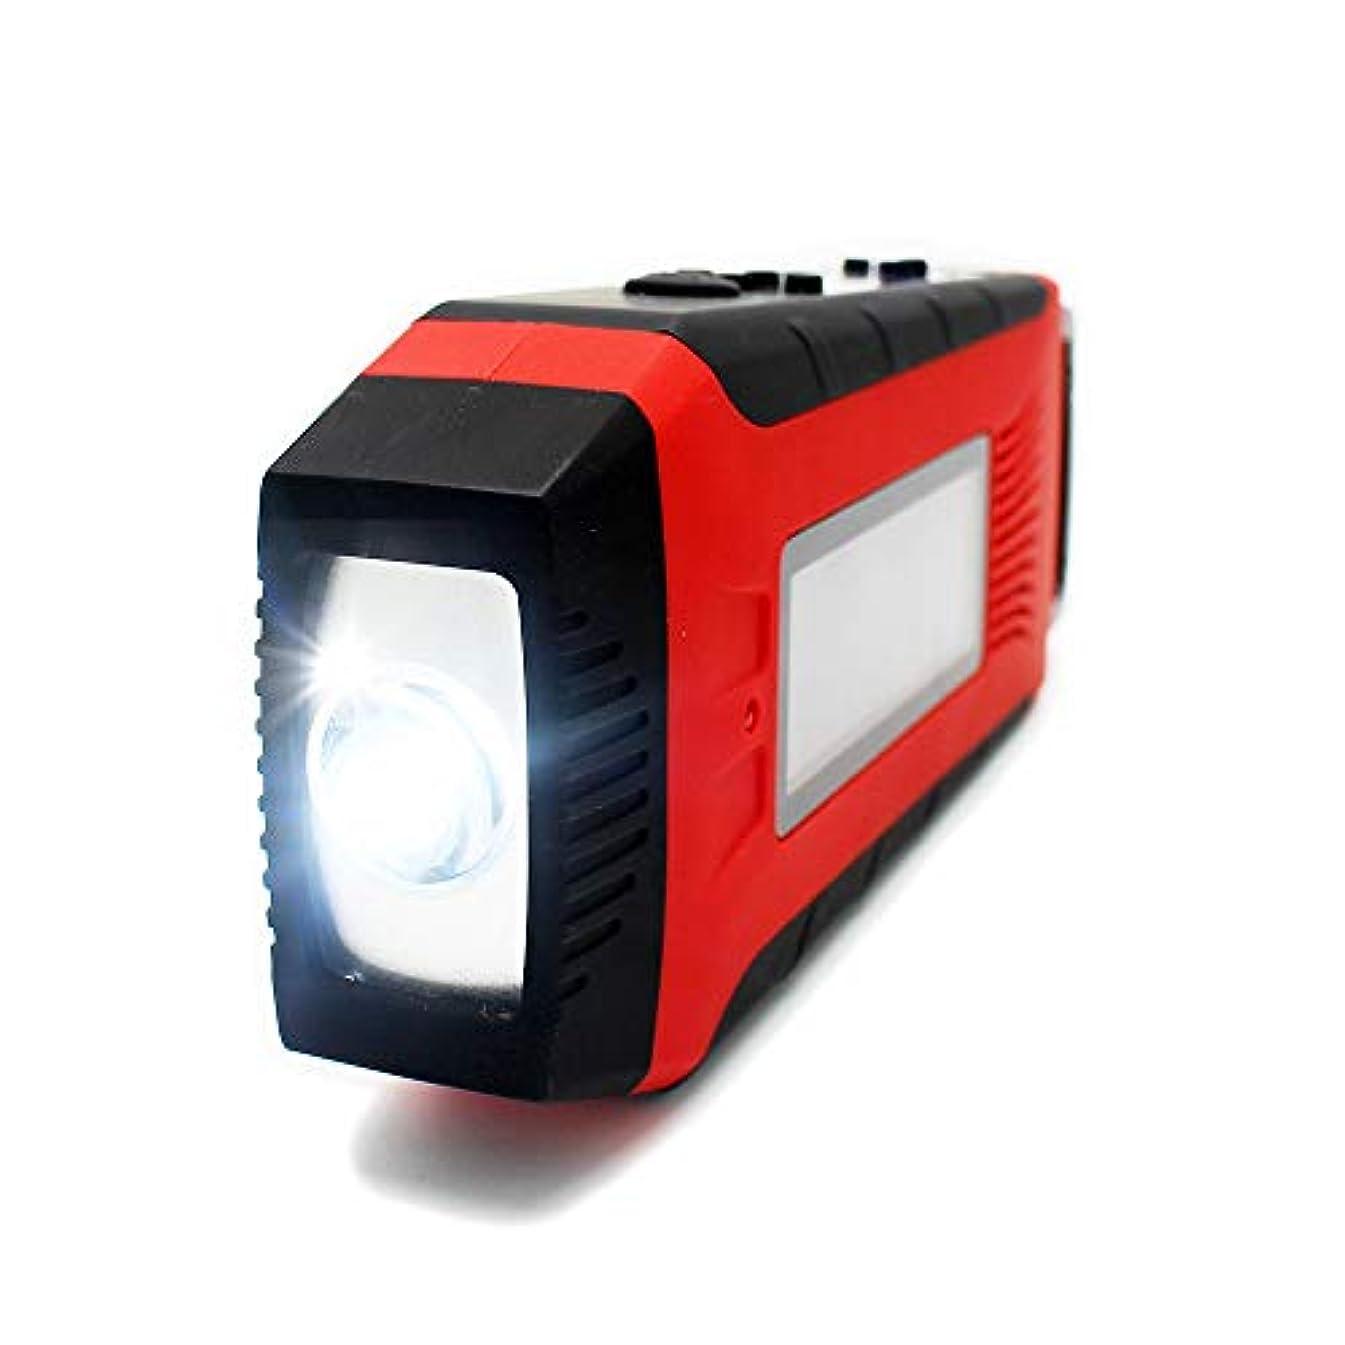 また作りますフィヨルドBigFox LEDラジオライト 懐中電灯 防災ラジオ iPhone/Androidスマホ充電可能 手回し充電/太陽光充電/USB充電 FM/AM対応 非常用ライト 防災グッズ 高輝度 地震/停電/台風対策 防水